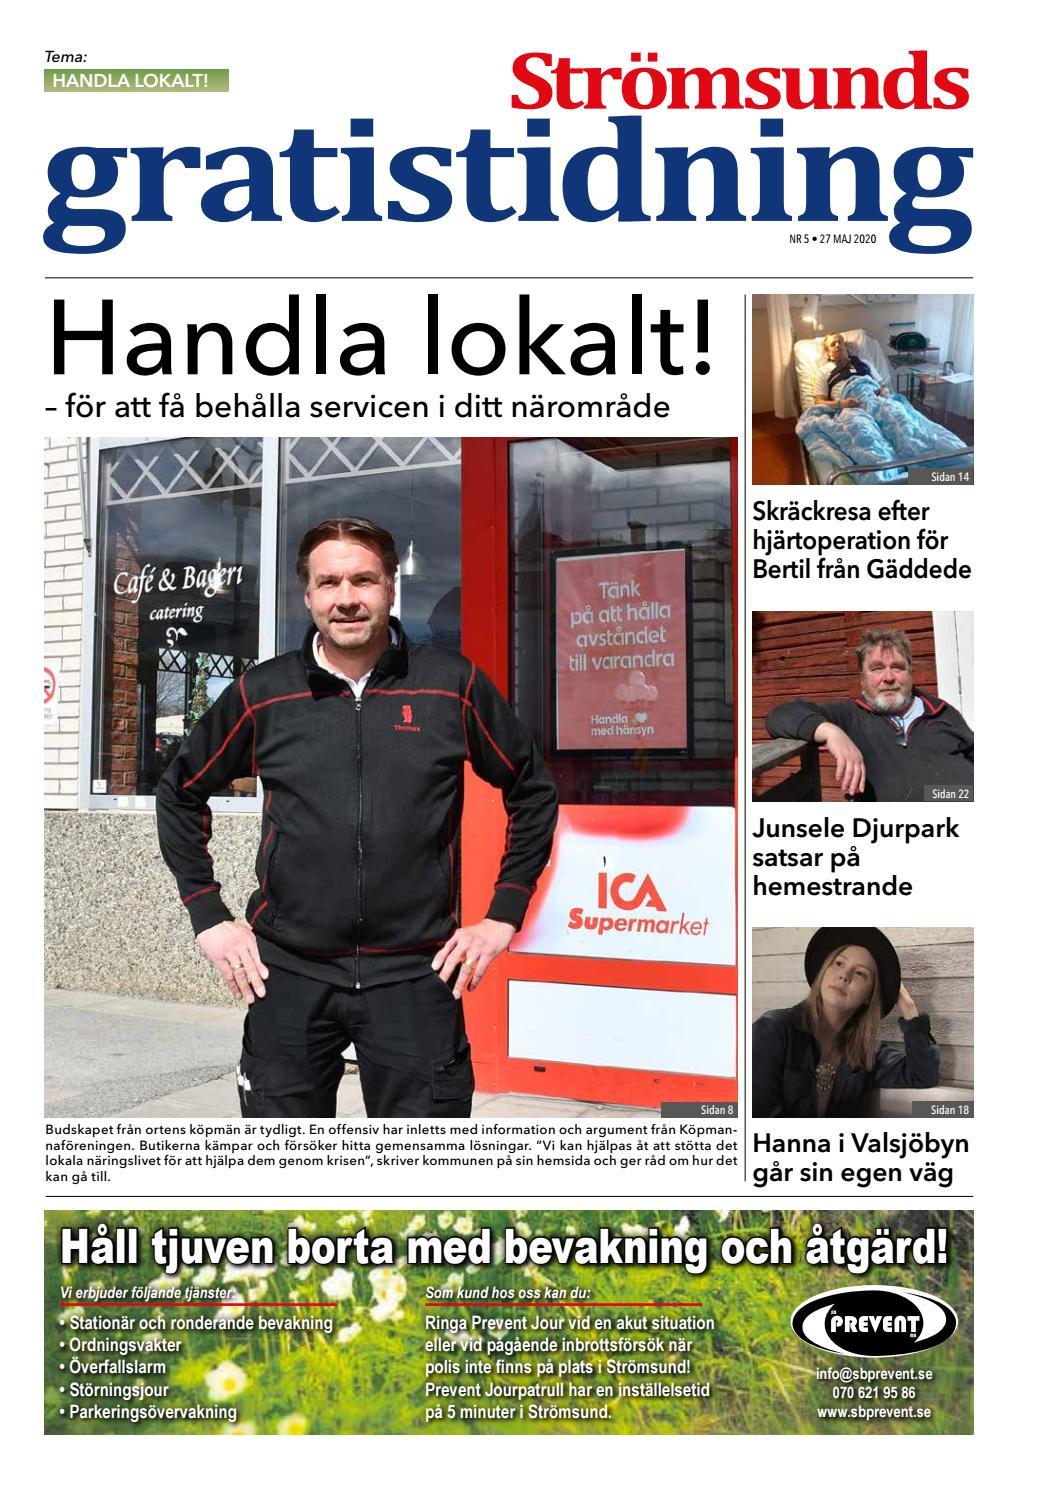 Sven Lars Olof Edin, Kpmangatan 46, Junsele | unam.net